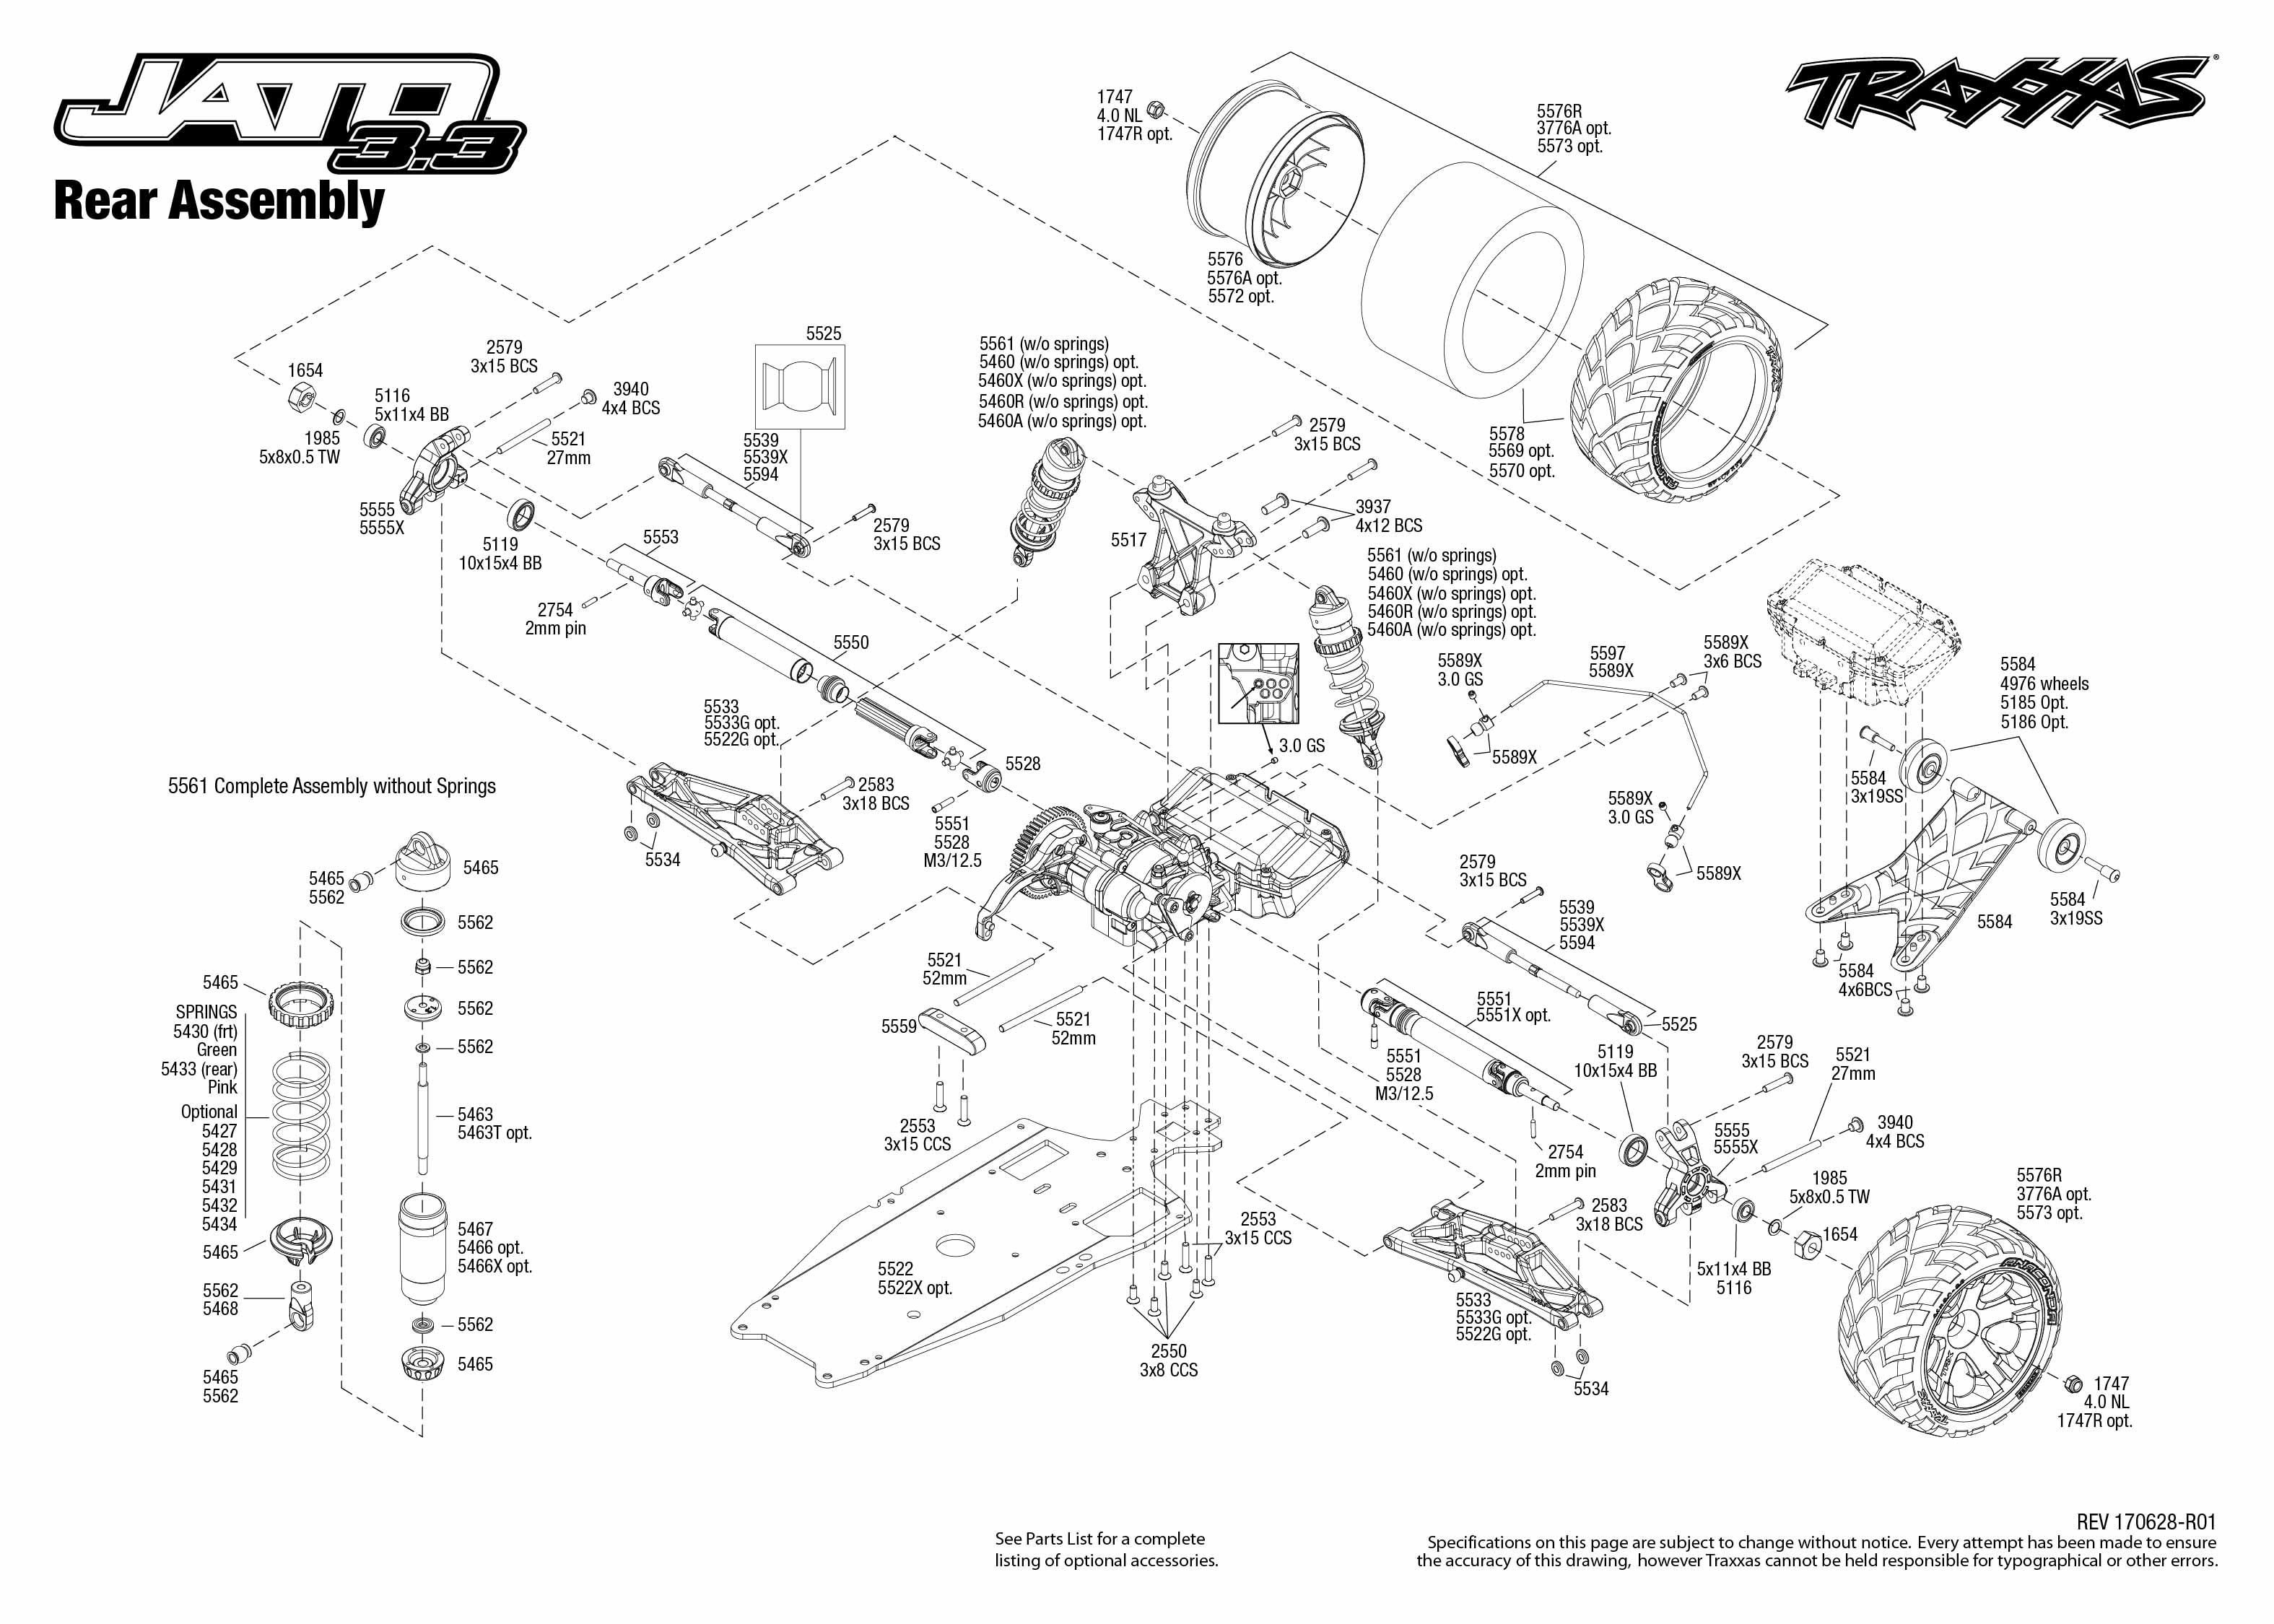 Jato Parts Diagram - Wiring Diagrams Description